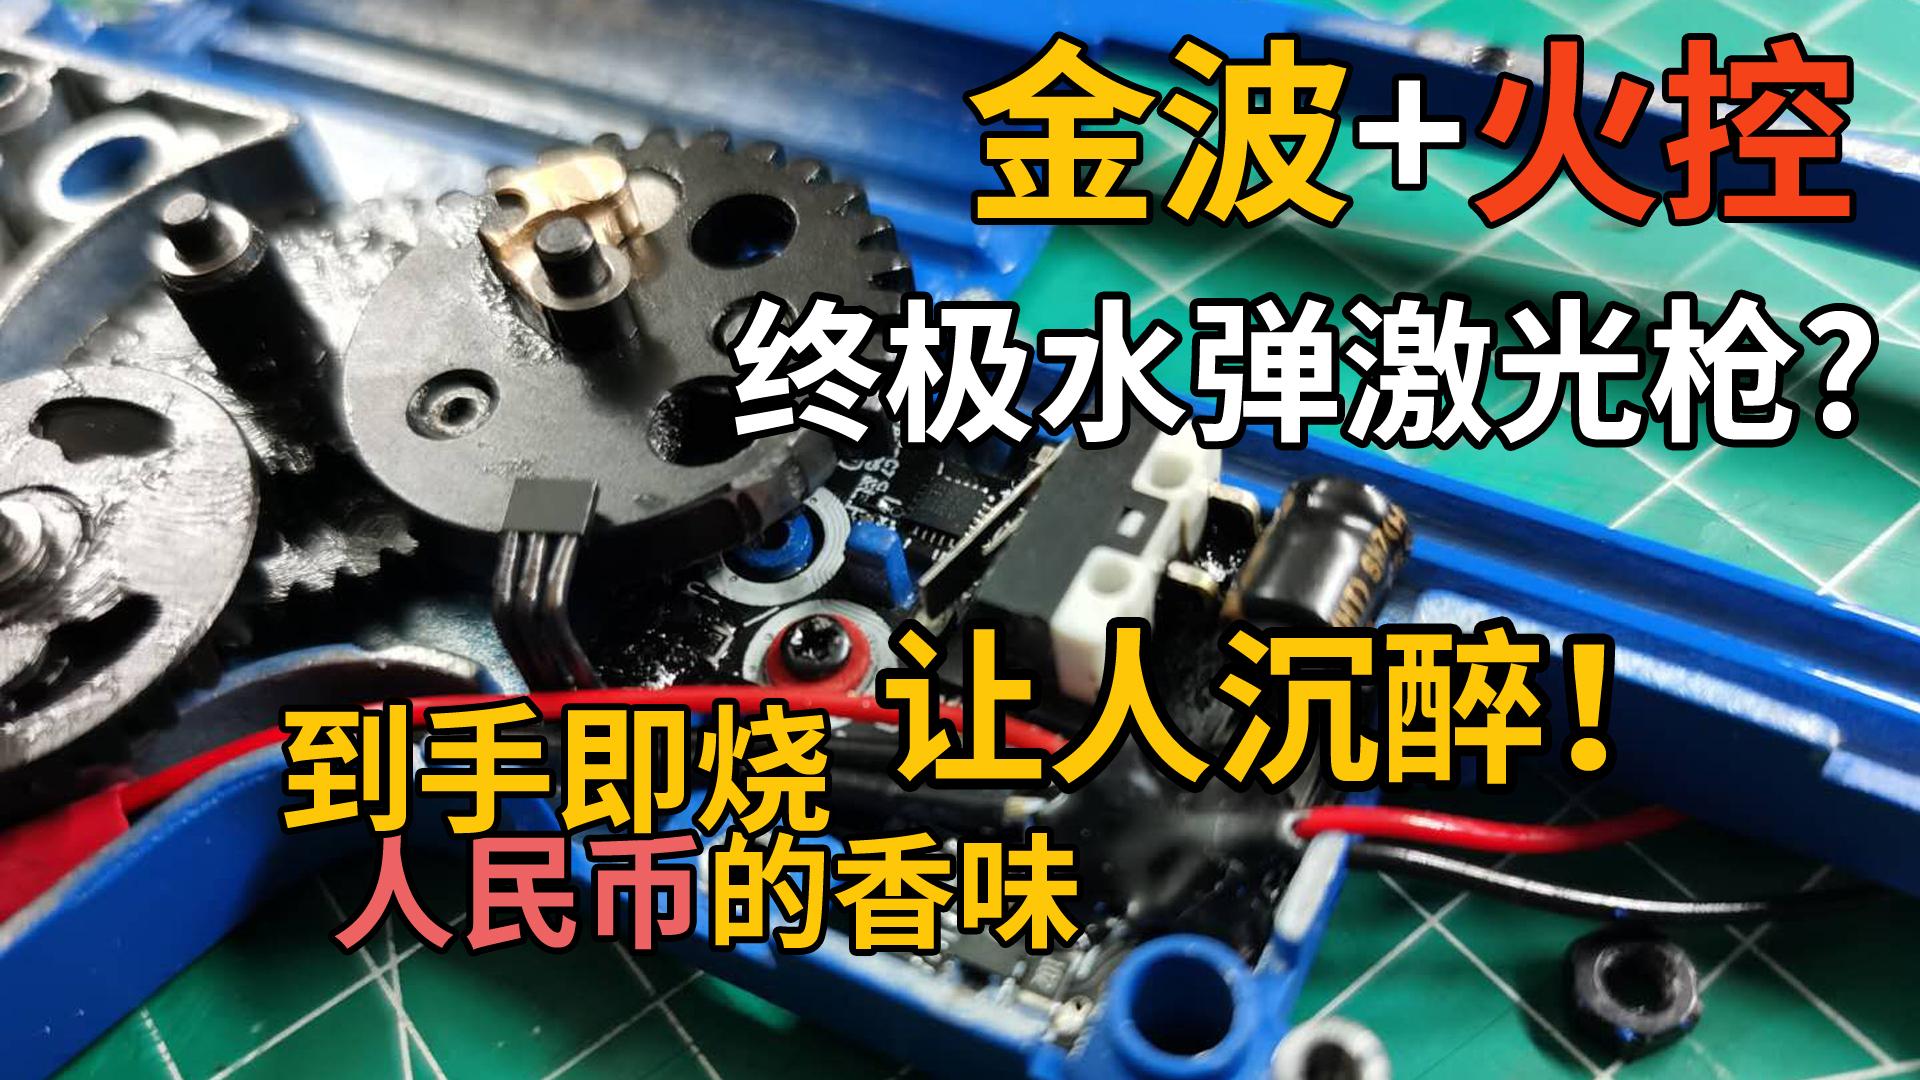 想用金波+火控配水弹激光枪?蓝色金波安装及调试,BR火控安装及使用,对比LDX金属波壳,烧火控